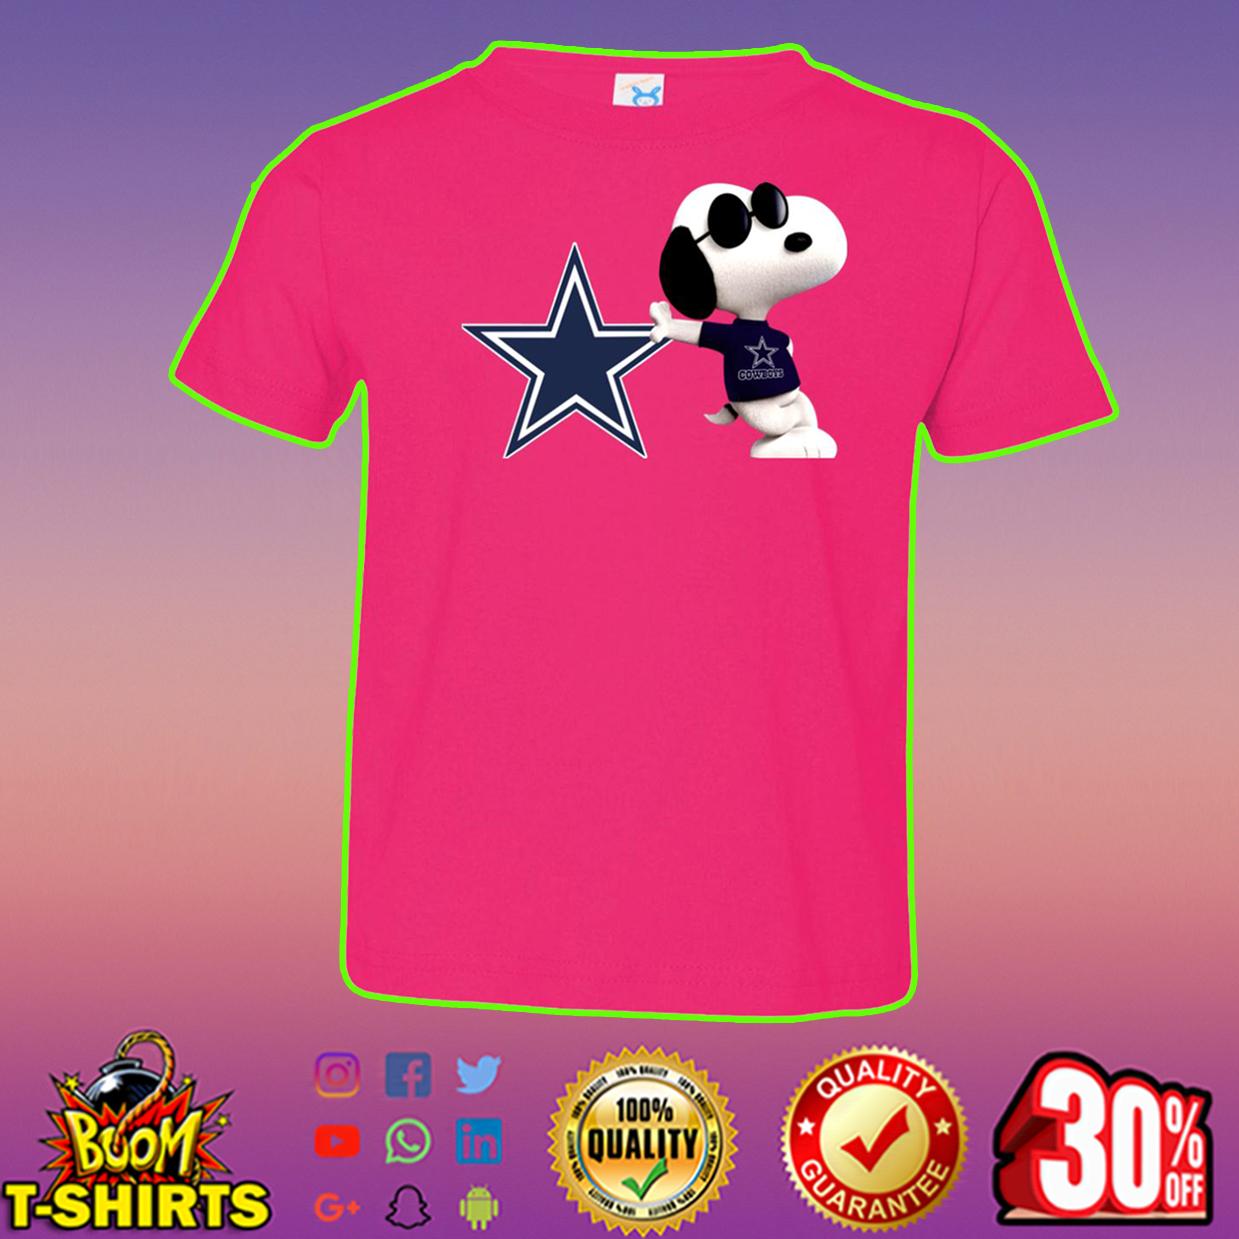 Snoopy dallas cowboys t-shirt - hot pink